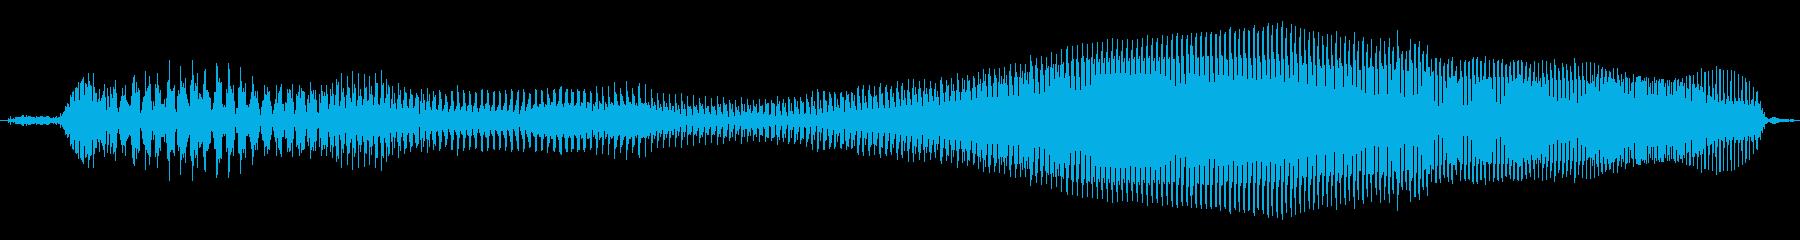 てやあああっ!【攻撃、掛け声】の再生済みの波形